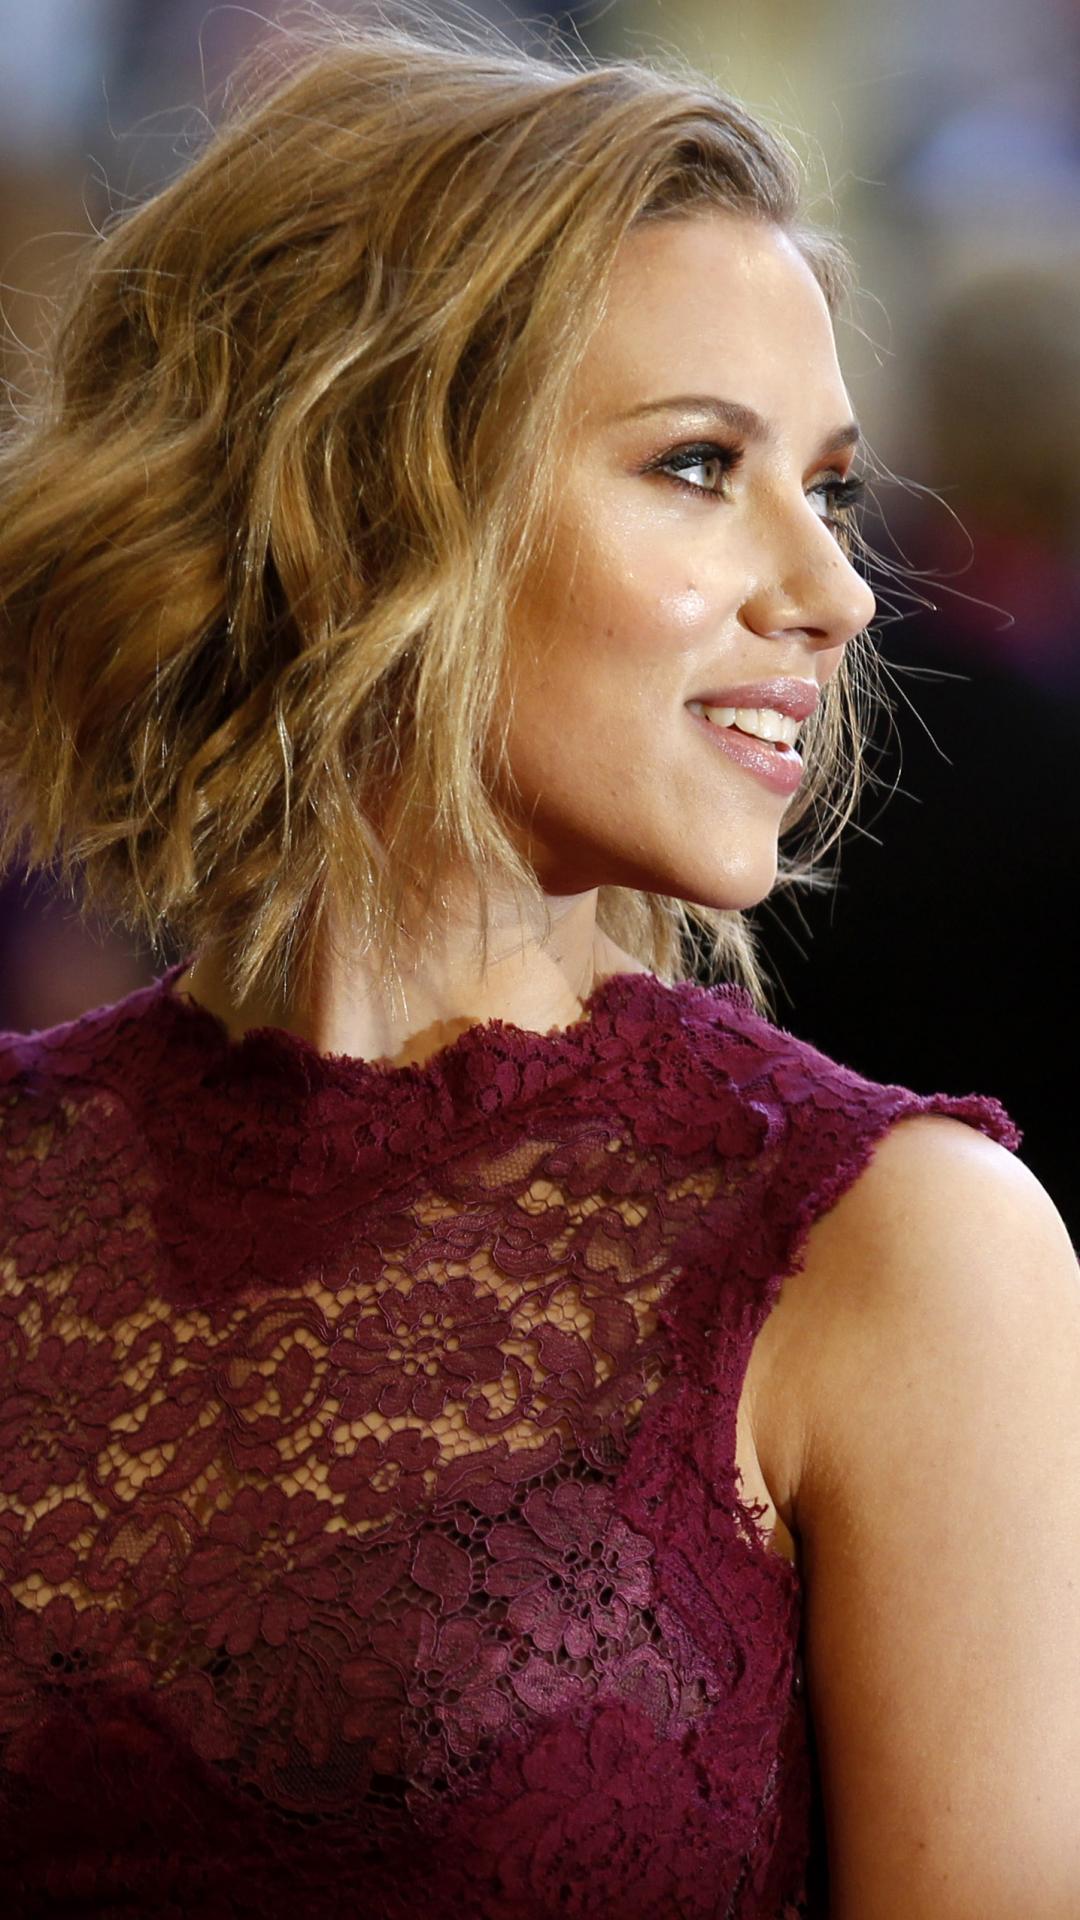 Celebrity Scarlett Johansson 1080x1920 Wallpaper Id 628896